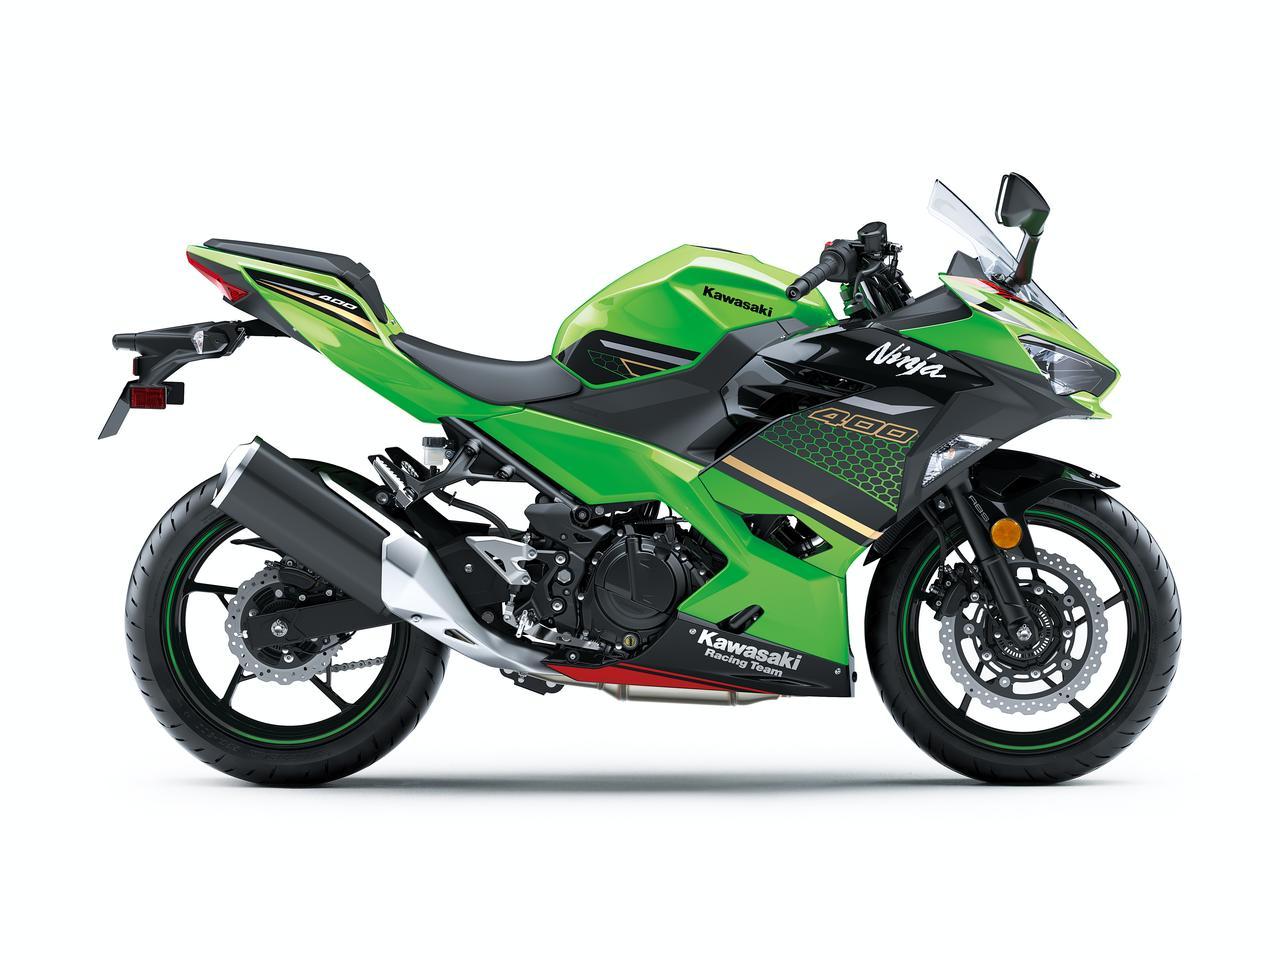 画像9: 【カワサキ】Ninja 400の2020年モデルは9月1日(日)発売開始! カラーバリエーション・アンケート実施中